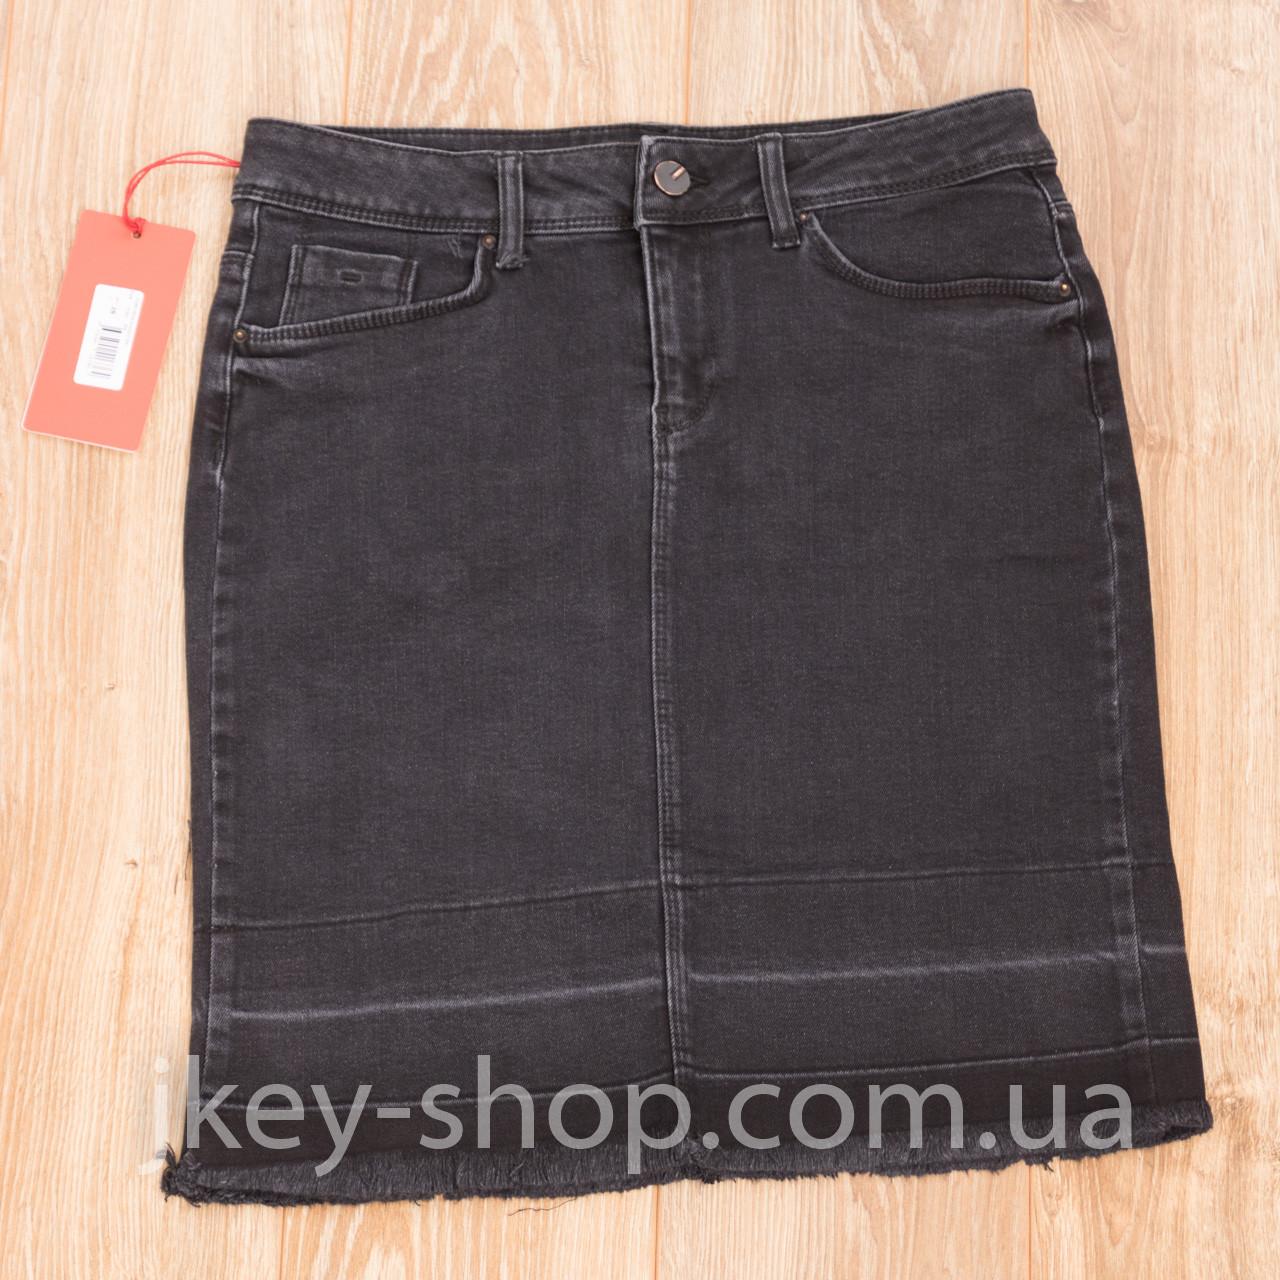 Юбка джинсовая женская V 5028809026 504 BLACK WASH